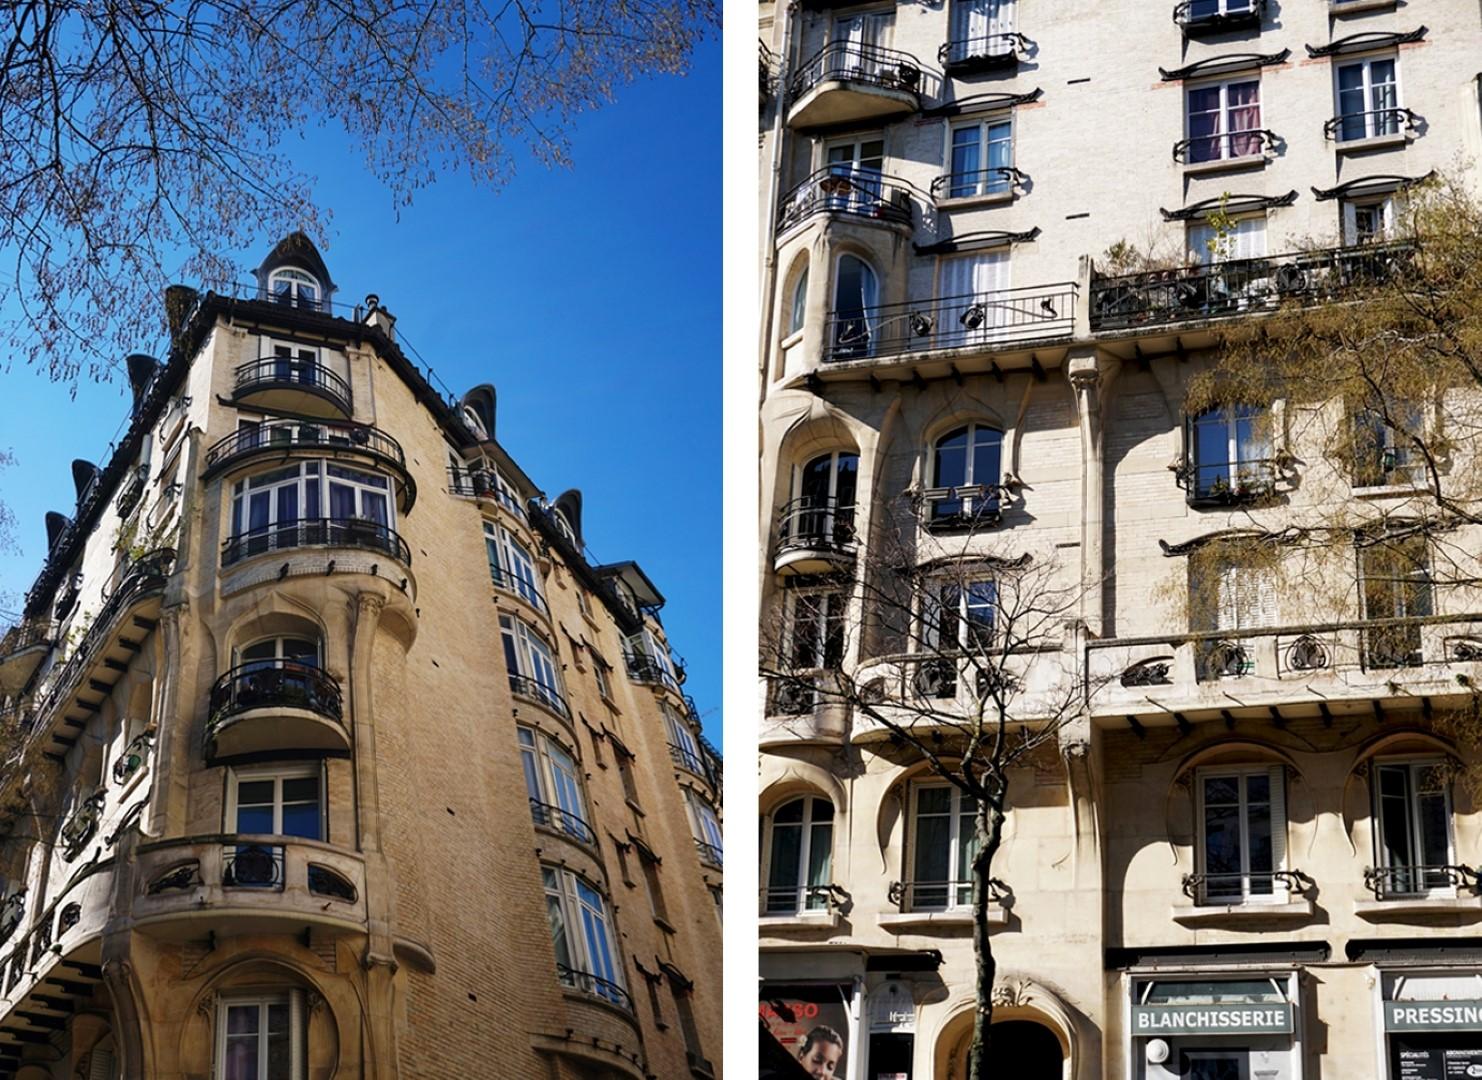 Balade dans le 16e, voies privées et art nouveau - 142 avenue de Versailles, Immeuble Jassedé - Hector Guimard